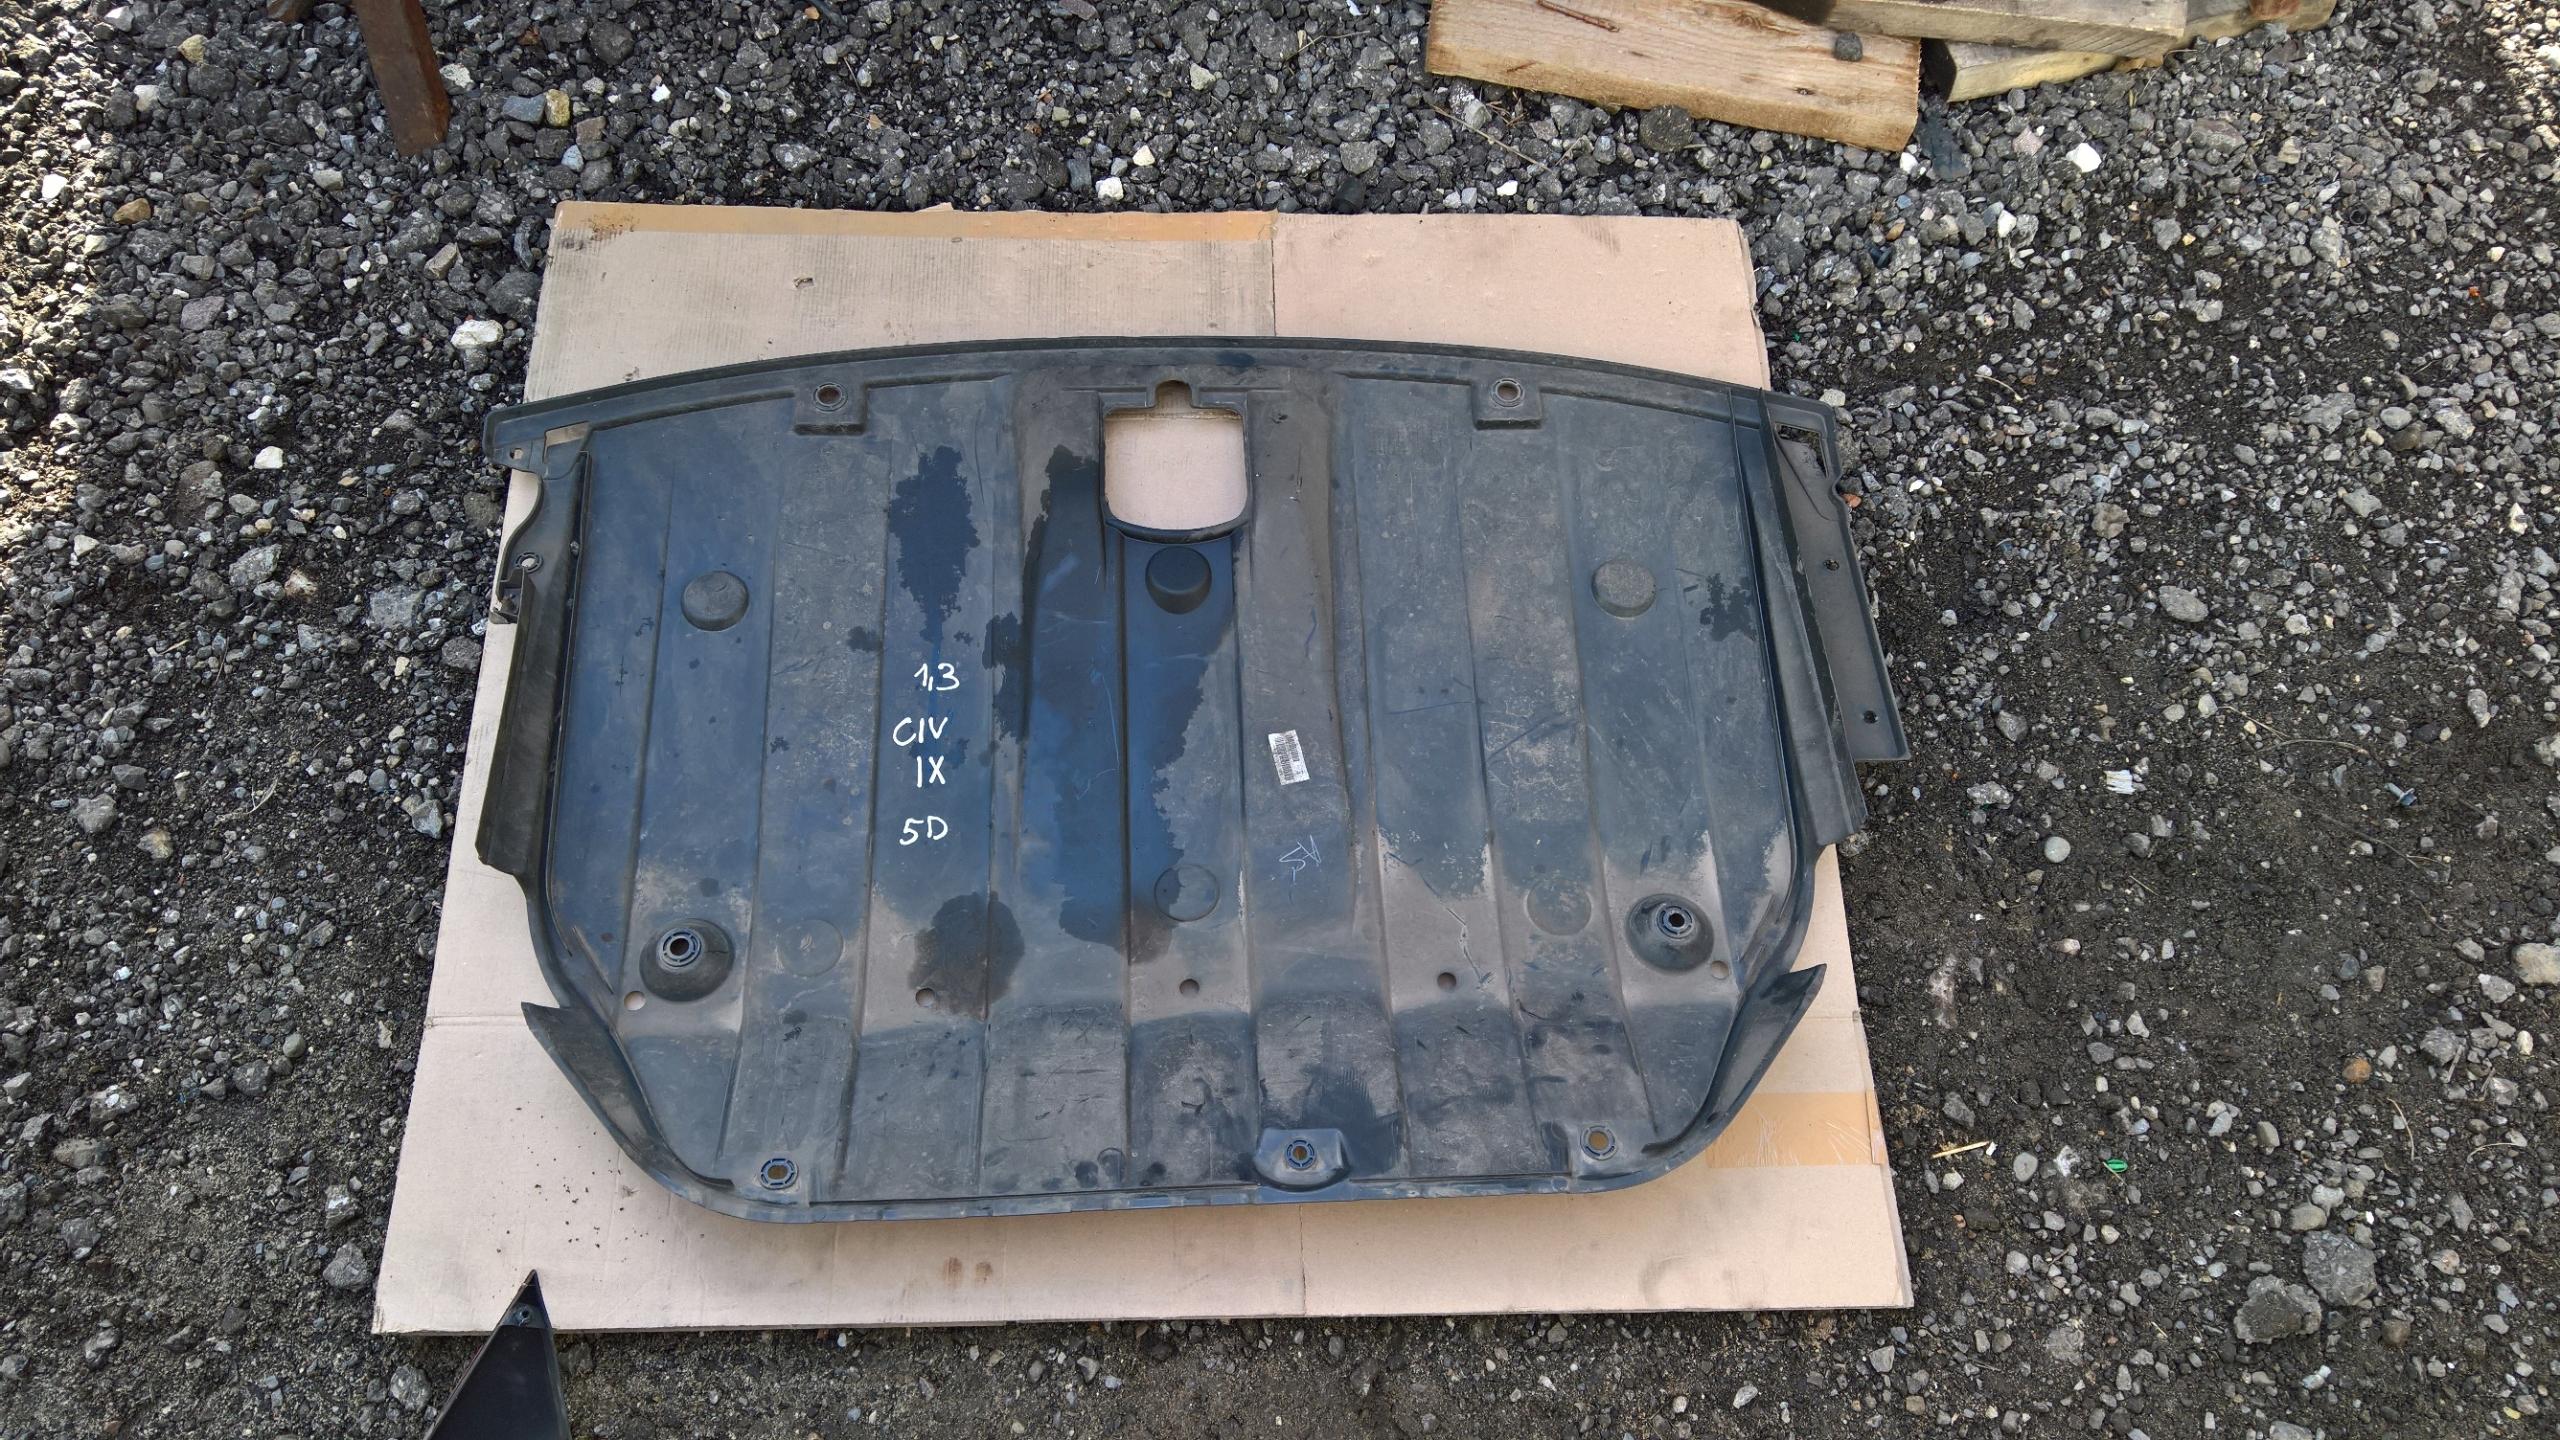 крышка плита шасси honda civic ix 5d 12-17